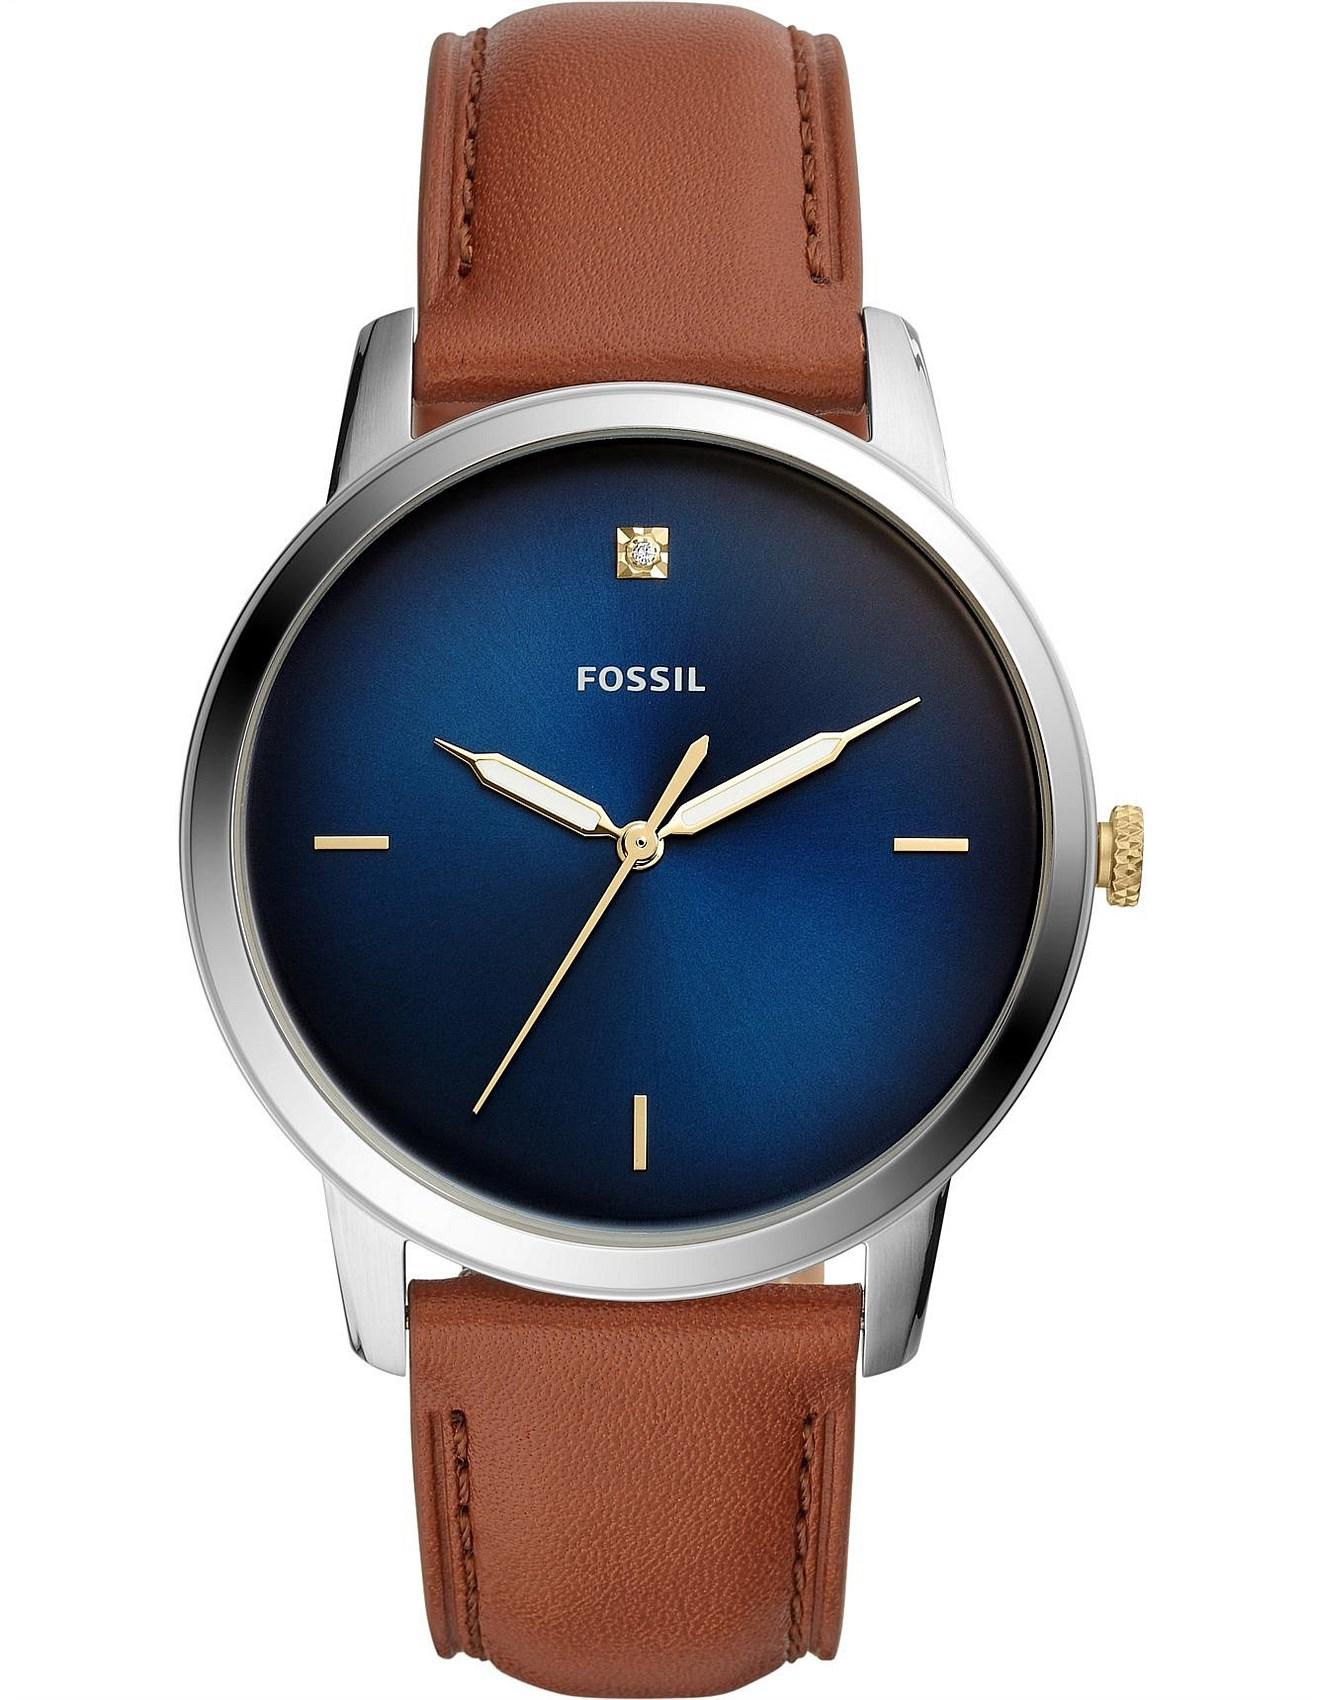 c5ac91e93 Men's Watches | Buy Designer Watches Online | David Jones - Fossil ...